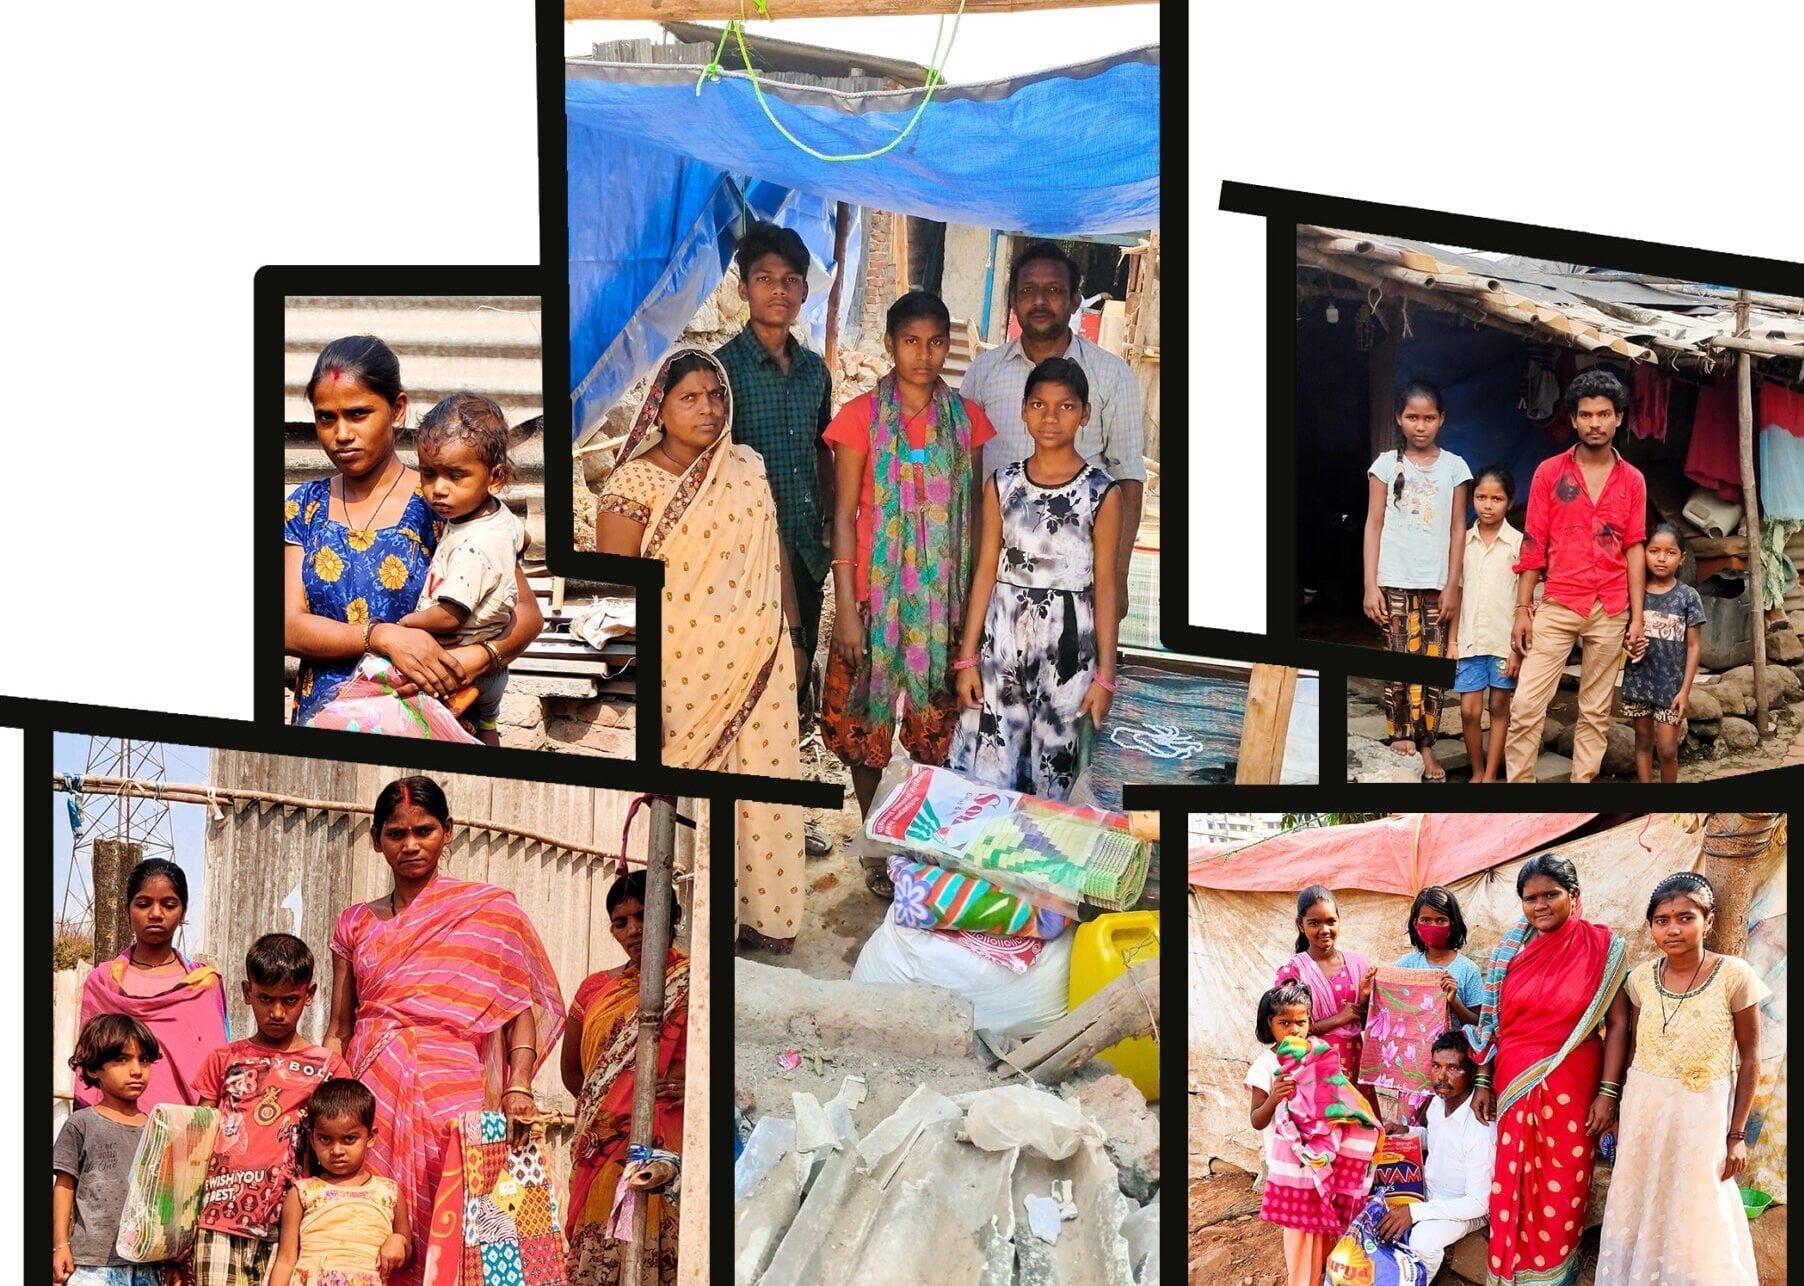 Patripul families outside their shacks